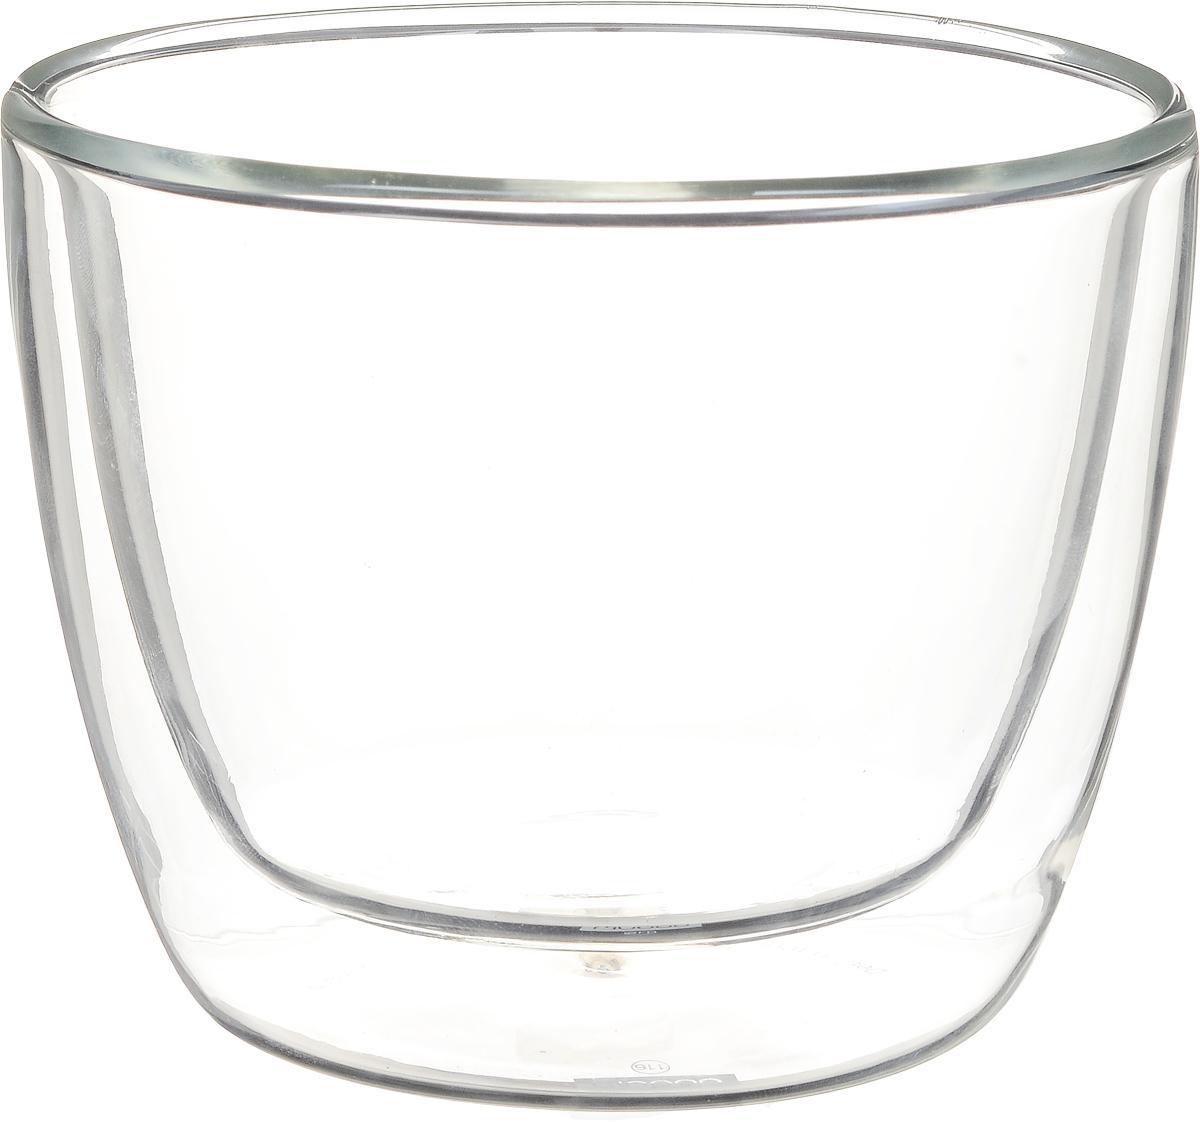 Набор термостаканов Bodum Bistro, 450 мл, 2 шт10607-10Набор Bodum Bistro состоит из двух термостаканов. Изделия изготовлены из жаростойкого и прочного боросиликатного стекла. Наличие двойных стенок позволяет термостаканам дольше сохранять первоначальную температуру напитка. Прослойка воздуха не даст обжечься, если в стакан налит горячий напиток. Идеально подходят для подачи горячего молока, чая или кофе. Можно использовать в СВЧ-печи, духовке, холодильнике и мыть в посудомоечной машине. Диаметр термостакана (по верхнему краю): 10 см.Объем стакана: 450 мл.